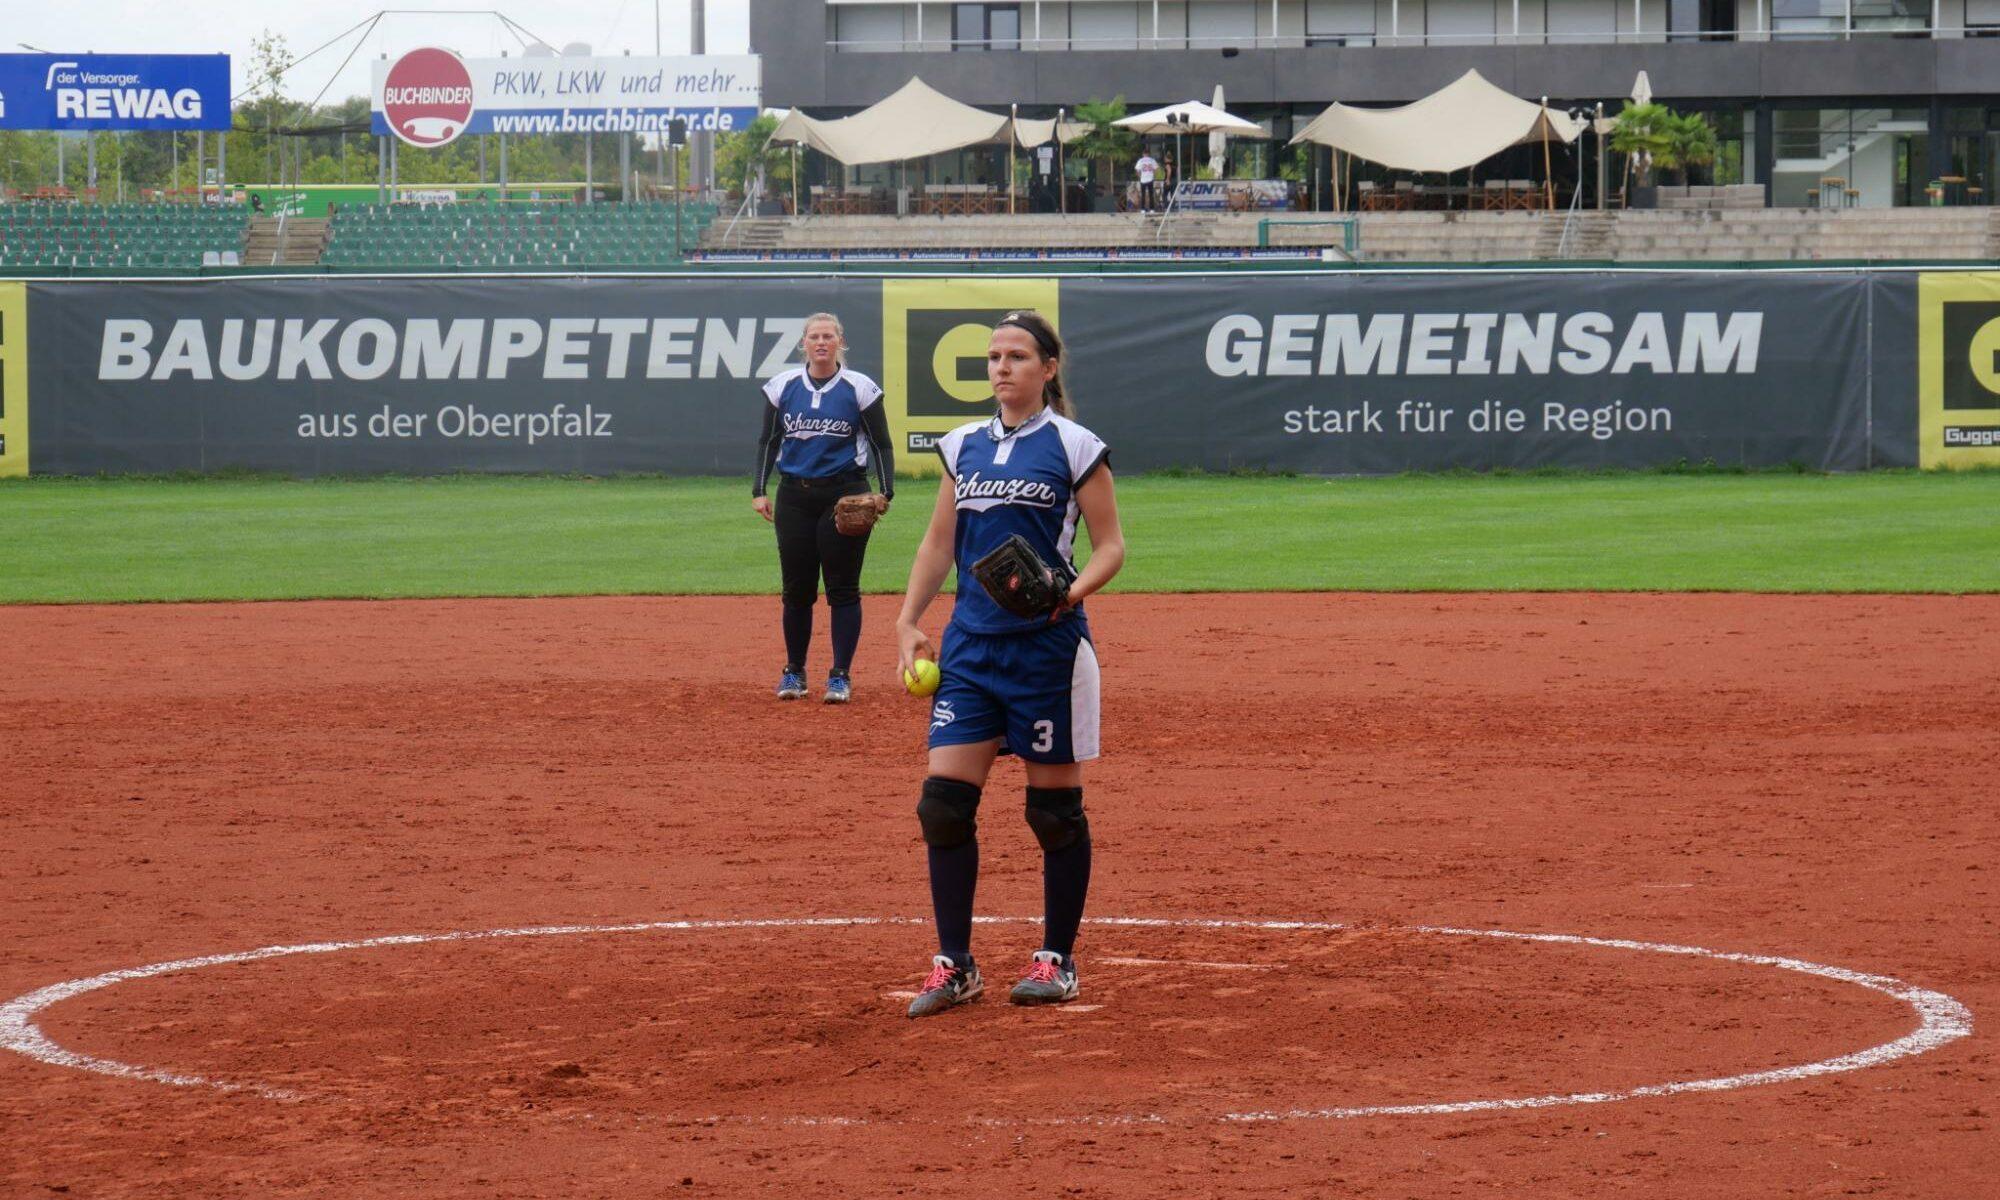 Mit den erfahrenen Spielerinnen Maria Schütz (Pitcher) und Katrin Peter (Shortstop) auf den Schlüsselpositionen war für Regensburg im zweiten Spiel nichts zu holen.